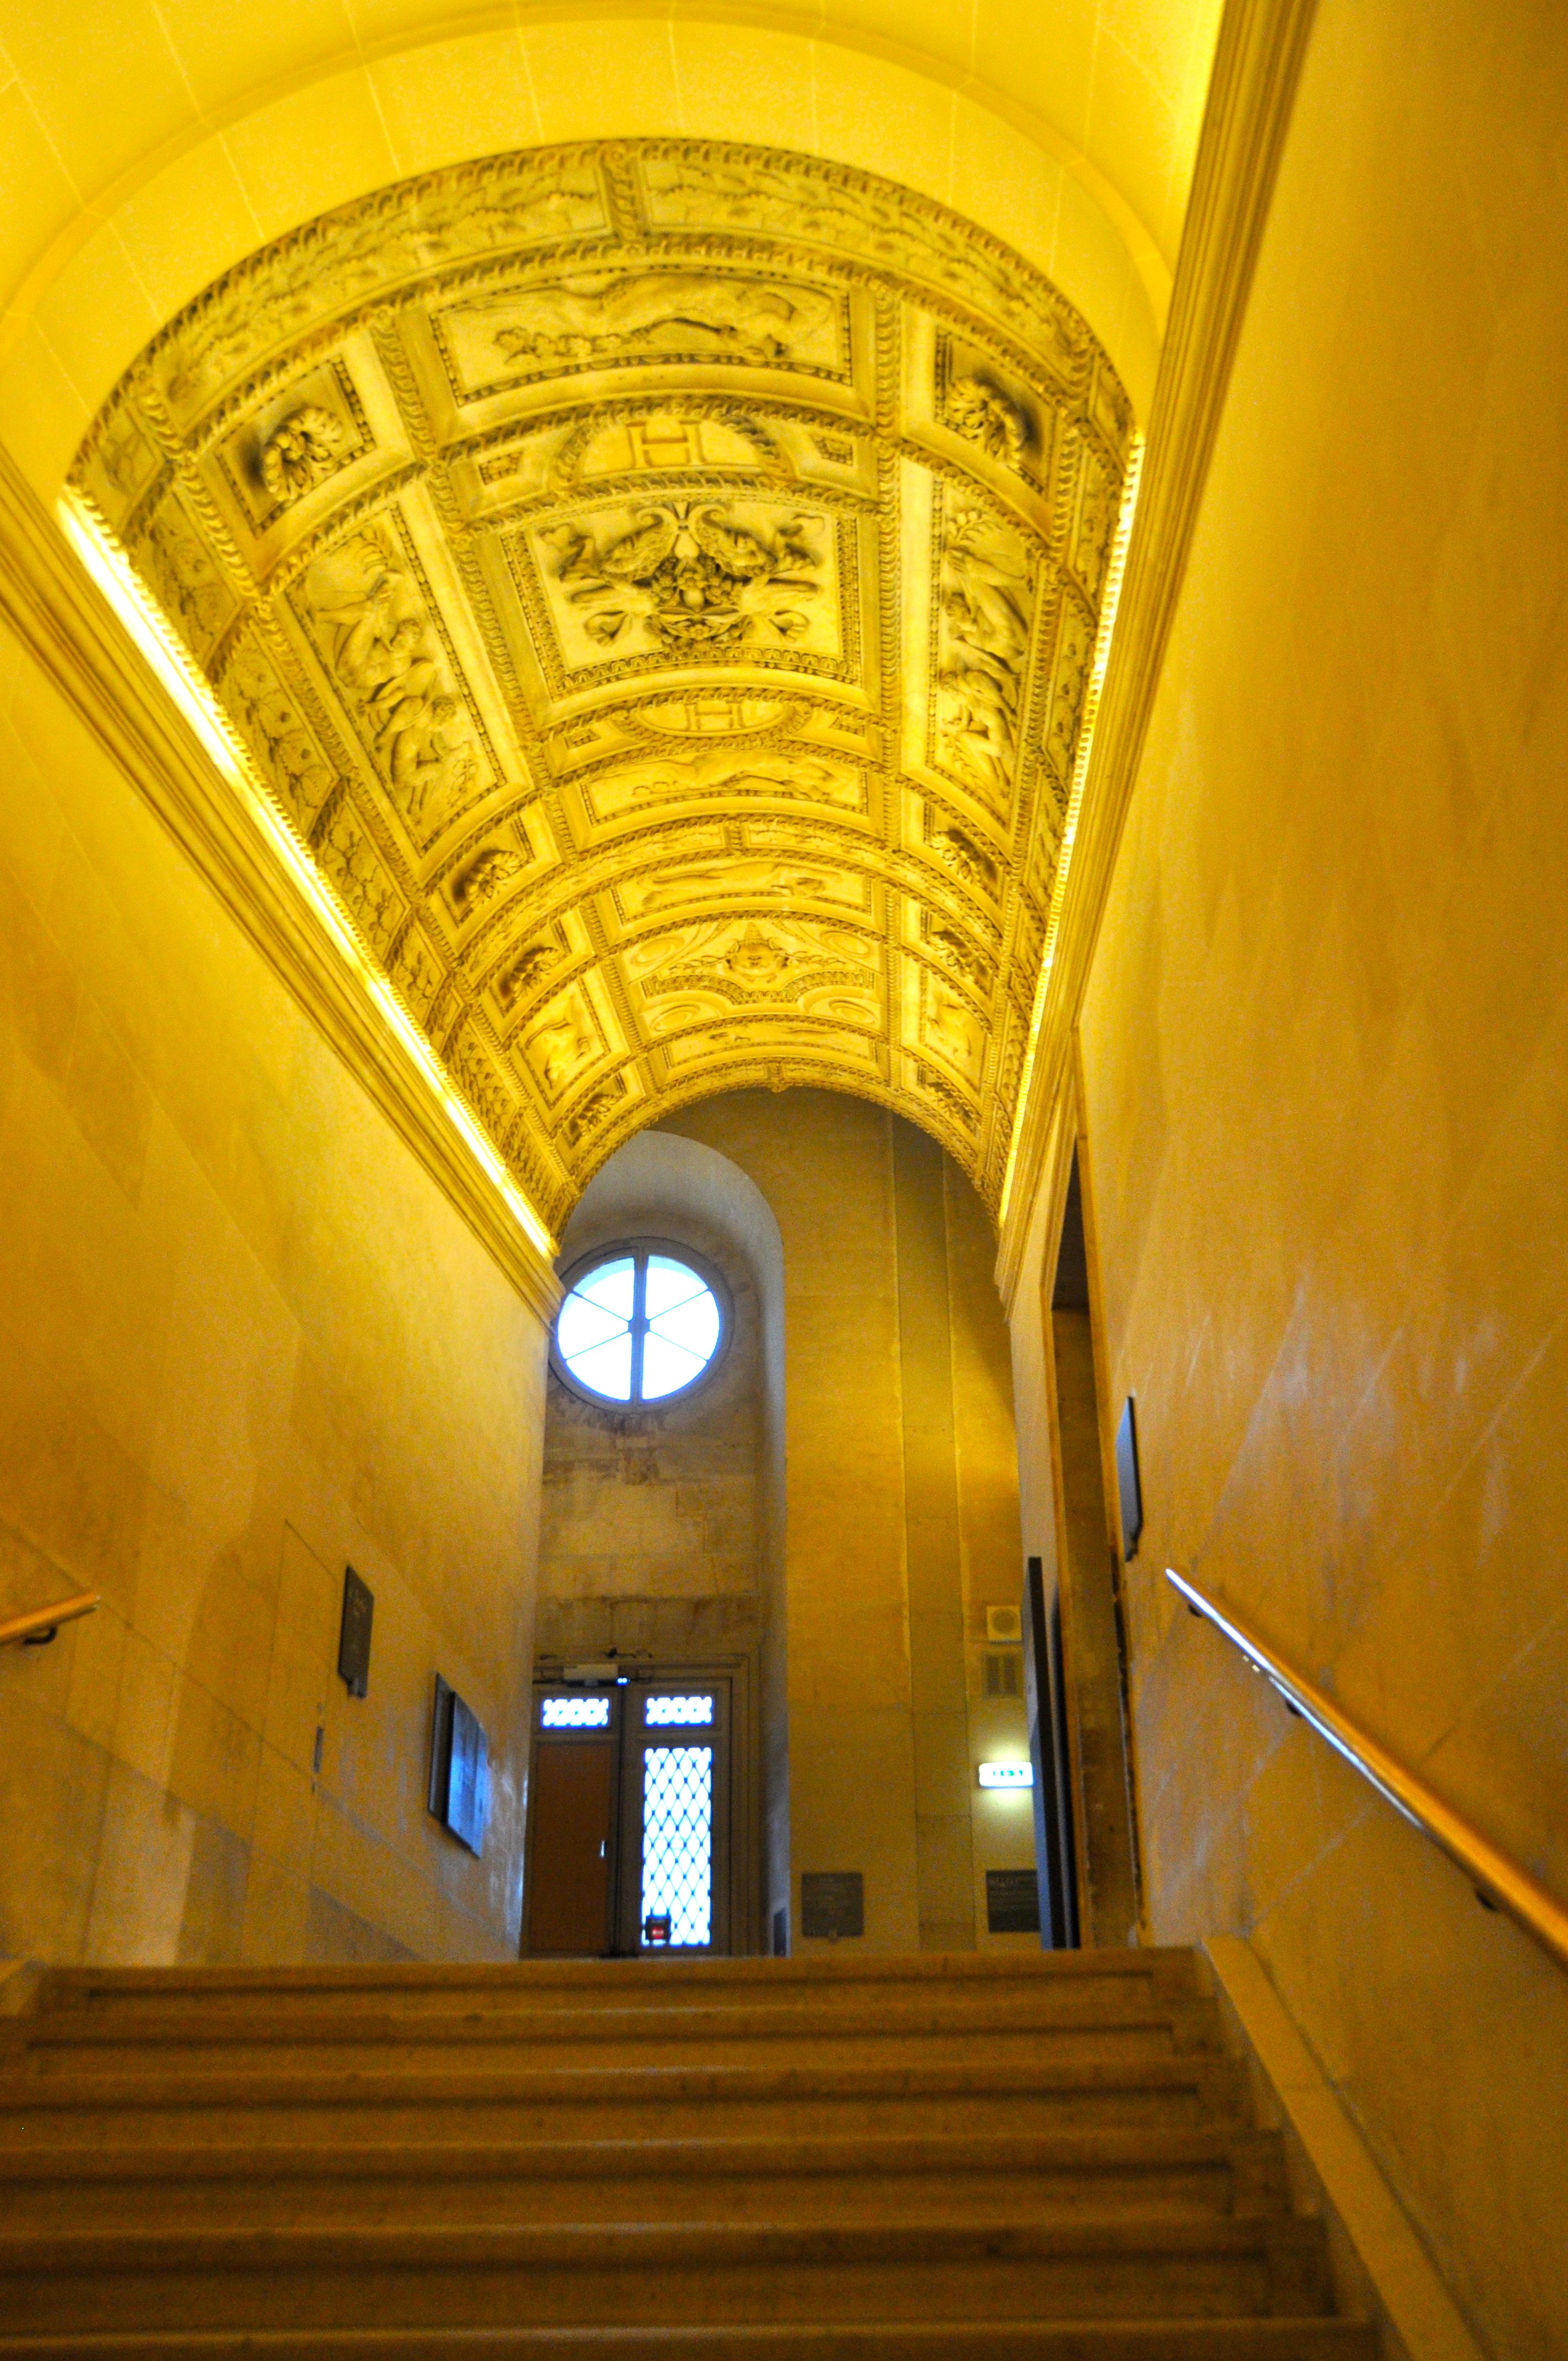 Escalier Henri II, Le Louvre, Paris